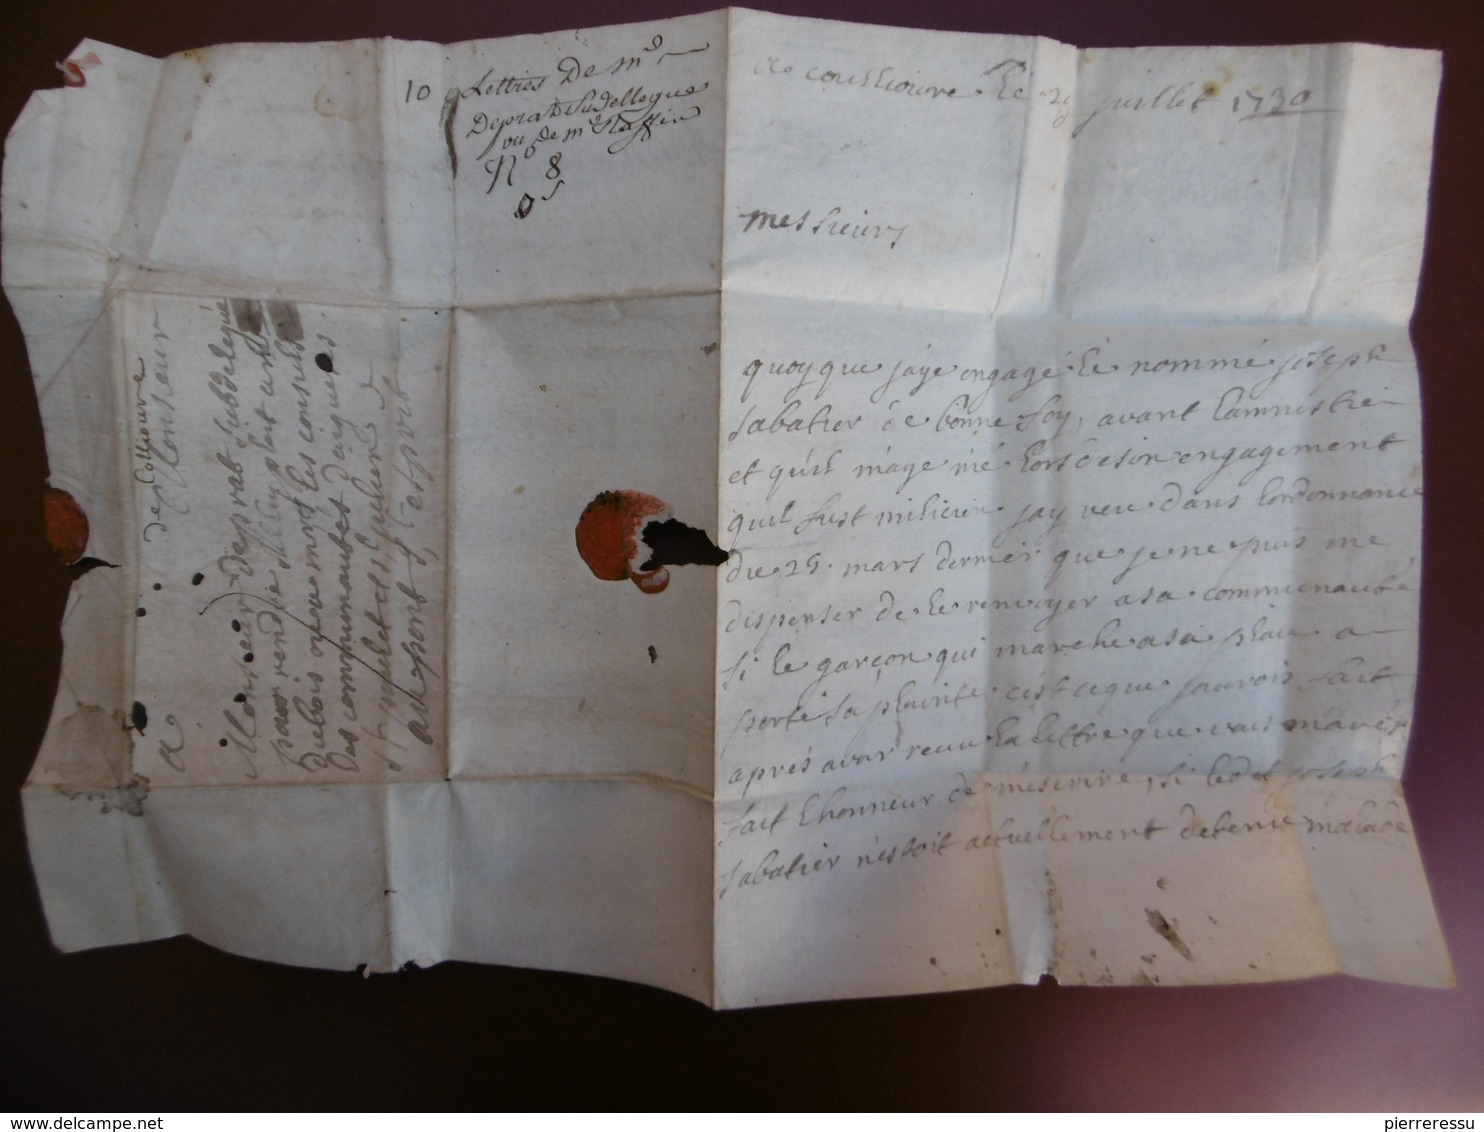 LETTRE MARQUE MANUSCRITE DE COLLIOURE SIGNE PRAT VIA PONT St ESPRIT 1730 A LIRE - Marcophilie (Lettres)